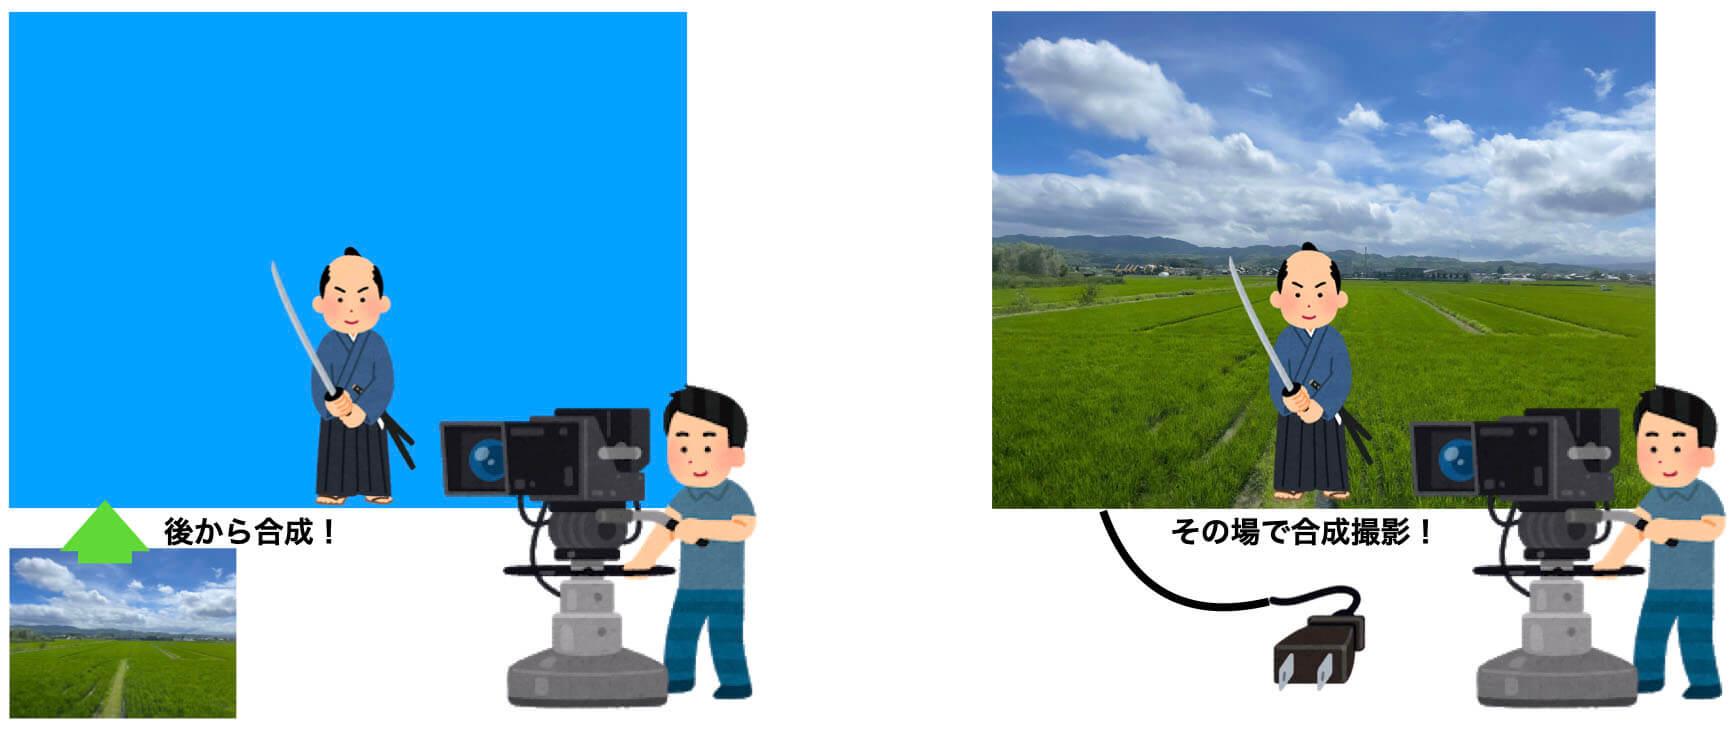 【左:今まで】背景と人物を別録りし、後から合成 / 【右:今回】巨大モニタに背景を表示し、人物ごと撮影